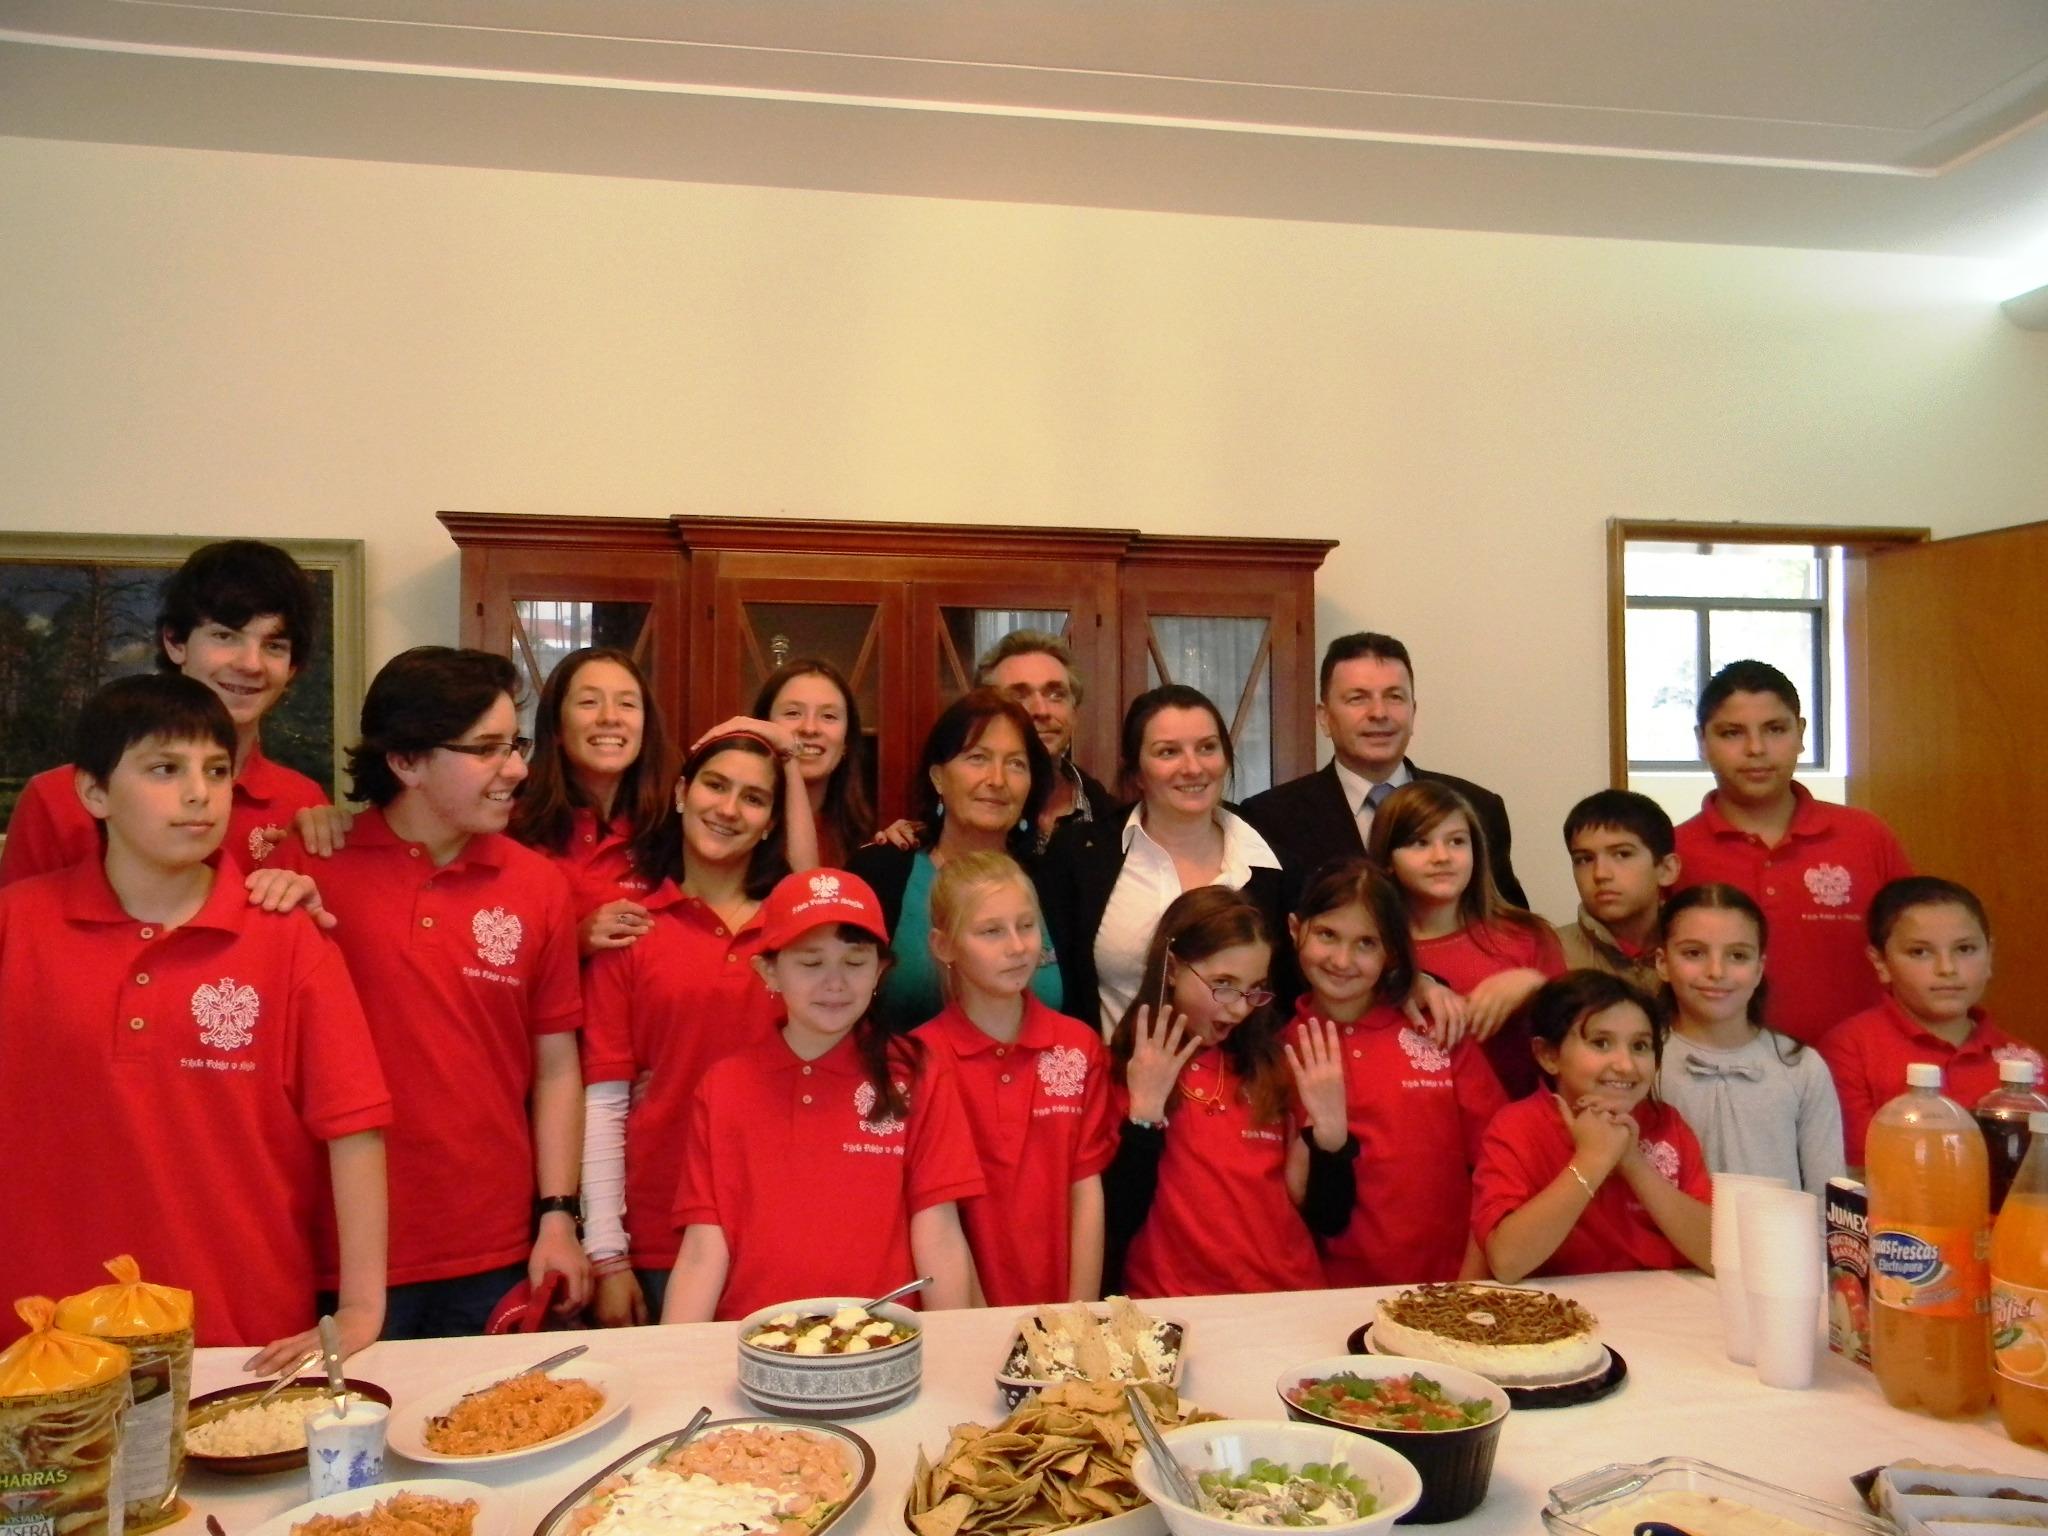 Polska szkoła w Meksyku utrzymywana jest za rządowe pieniądze (fot. archiwum ambasady Polski w Meksyku)